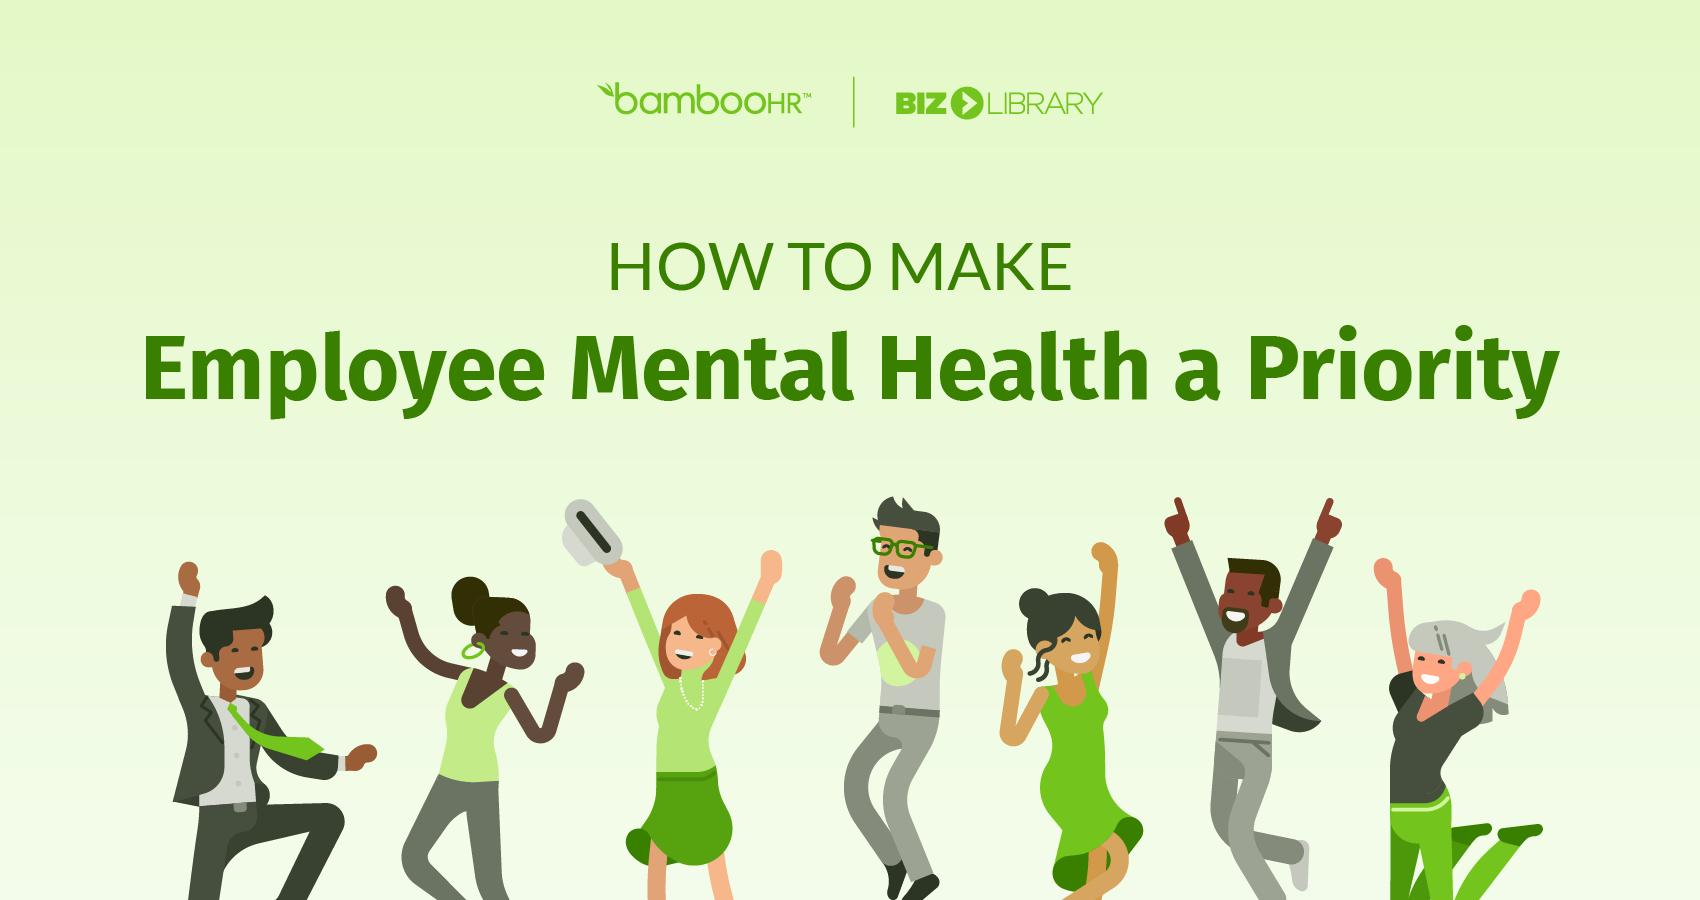 如何使员工心理健康成为优先事项